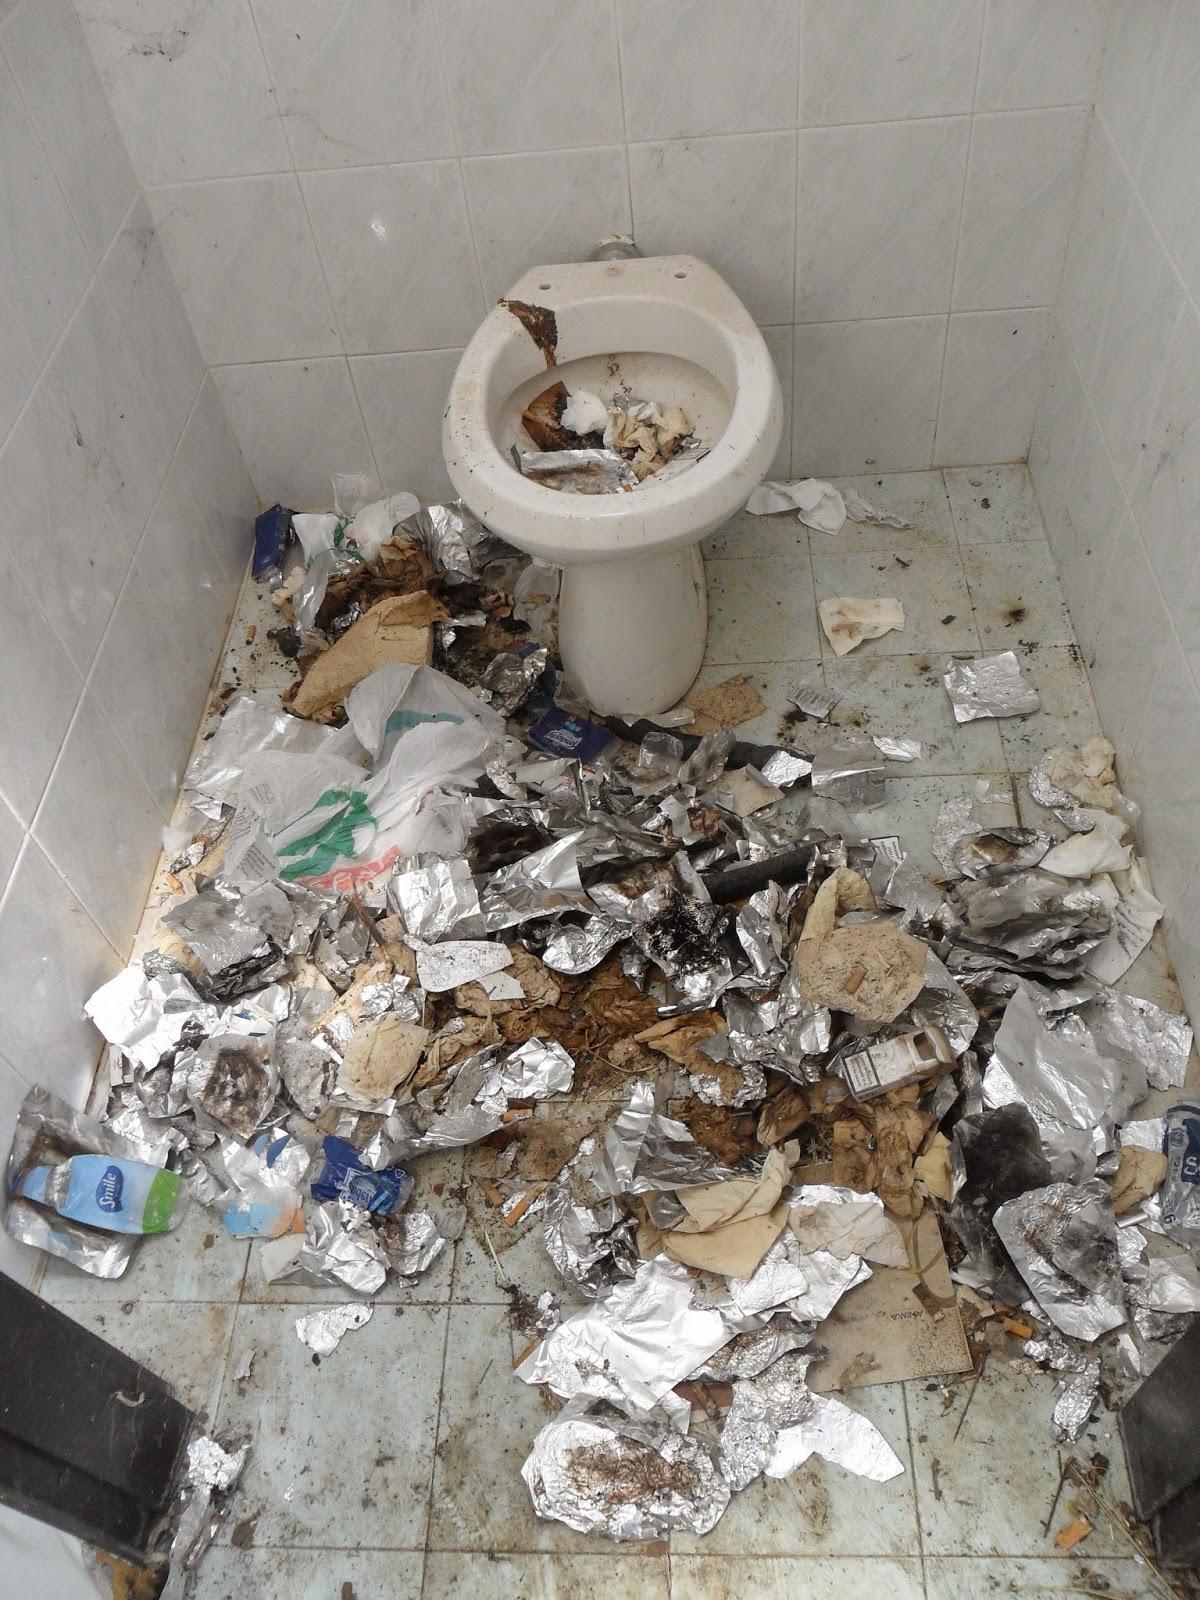 Filippo mele blog il vecchio bagno pubblico come bunker - Come abbellire un bagno vecchio ...